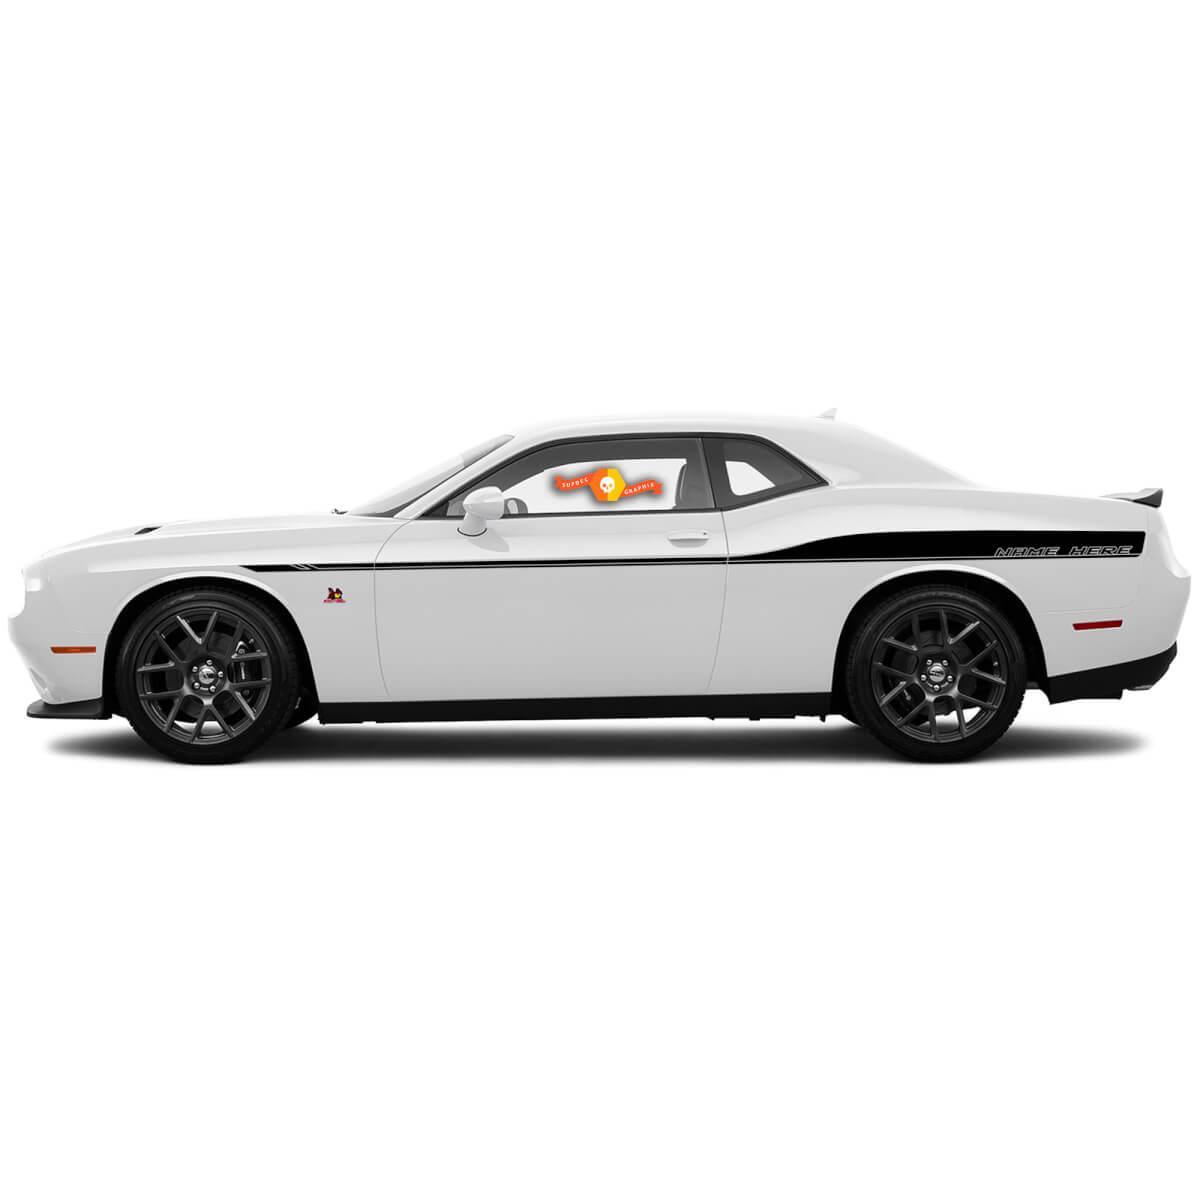 2 Dodge Challenger Stripes Abziehbilder Kundenspezifische Text Vinylgrafiken 15 16 17 2018 2019 2020 2021